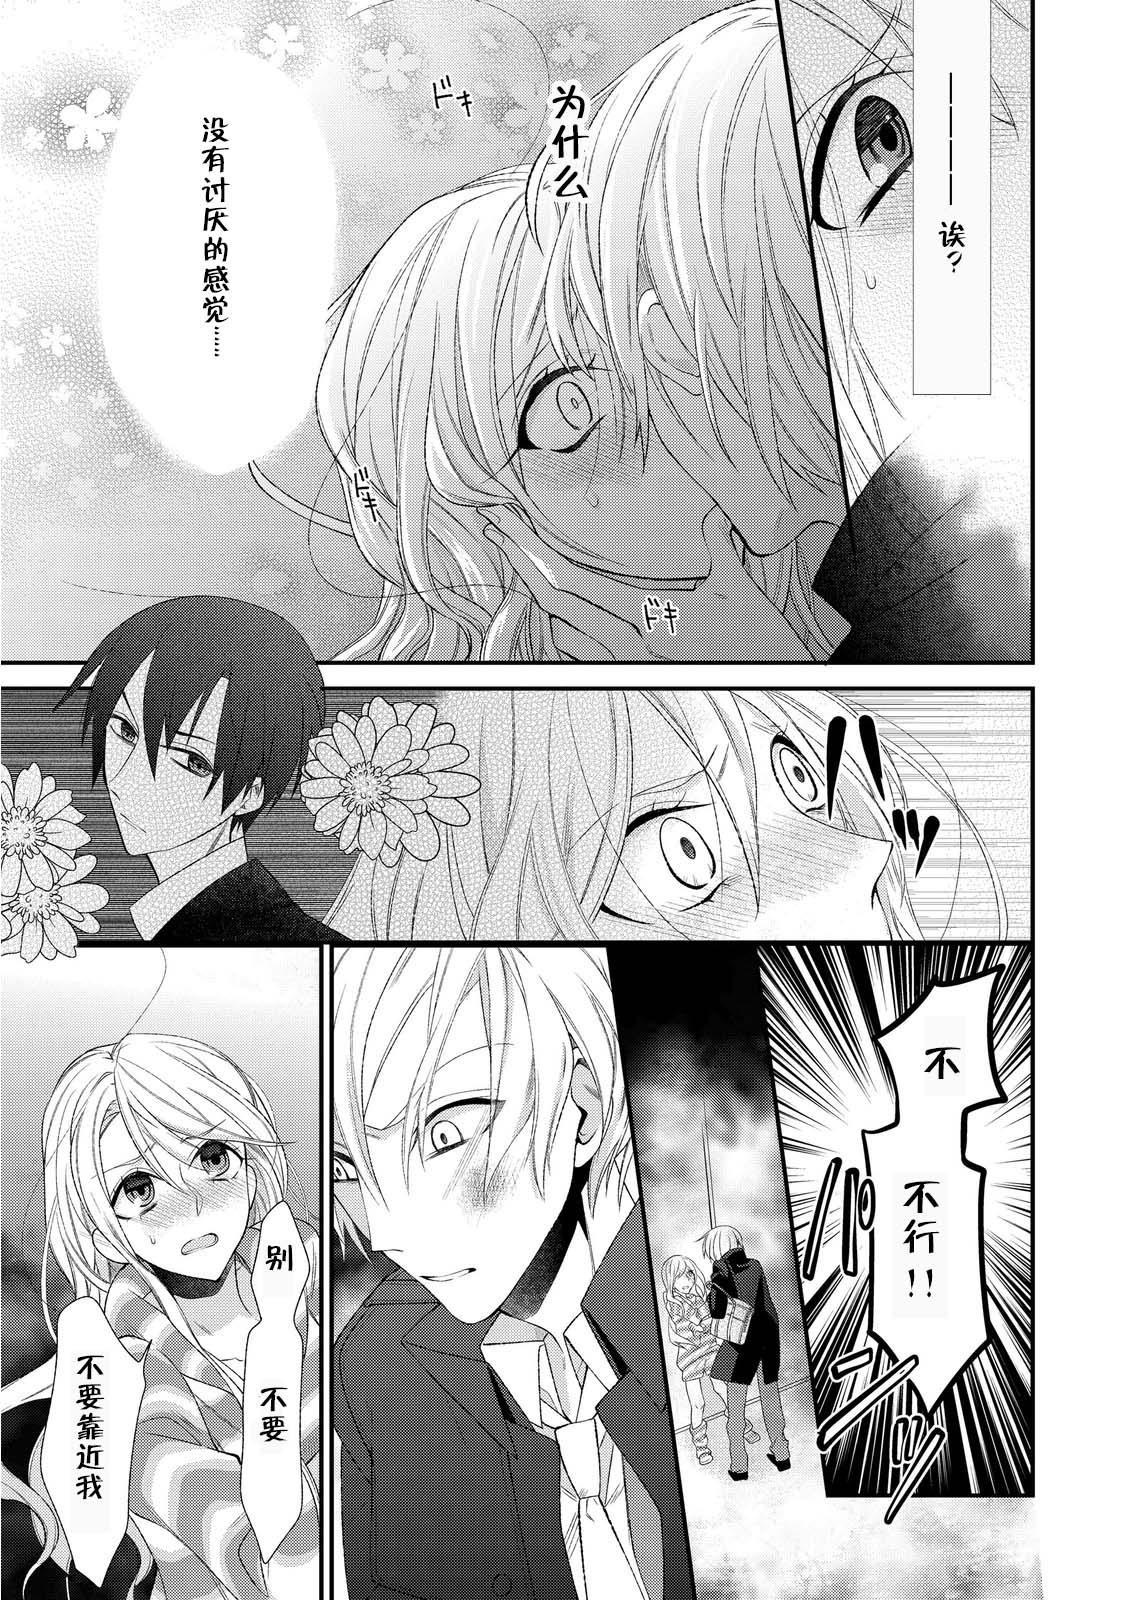 Kioku Sousitsu!? Watashi no Kareshi ha Docchi? Karada de Tameshite・・・ | 失忆!?我的男朋友到底是谁?用身体来确认…Ch. 1-2 34